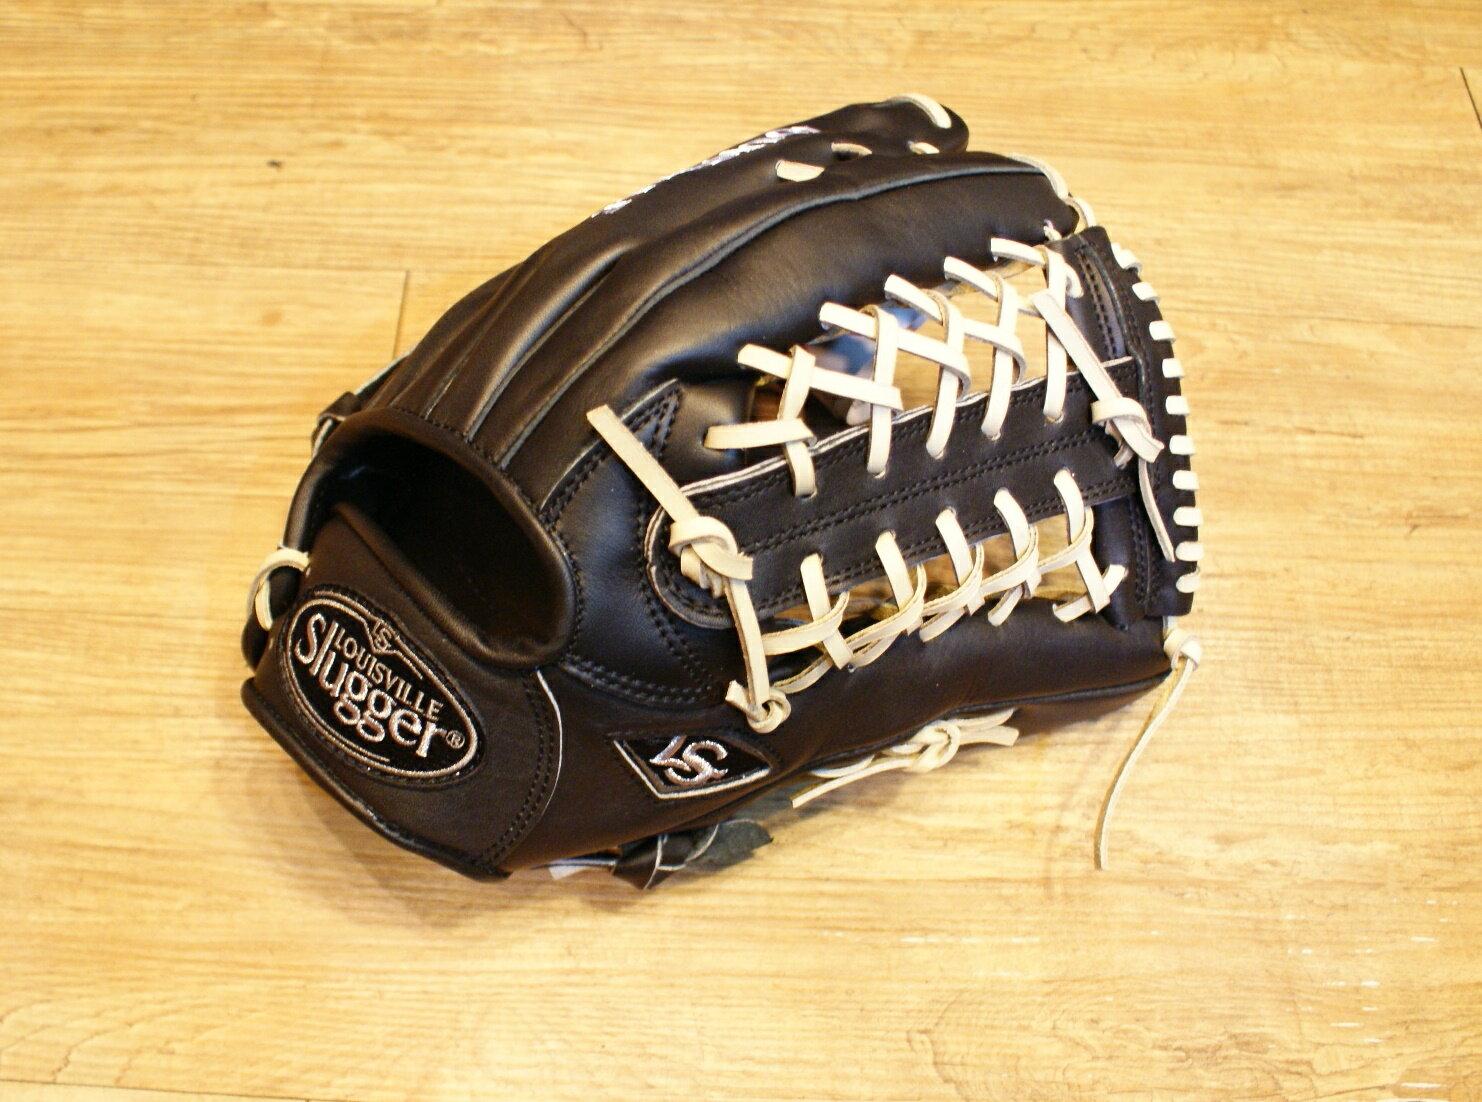 棒球世界 Louisville Slugger TPX 美國夢AD 系列 硬式棒壘手套 特價 外野款式